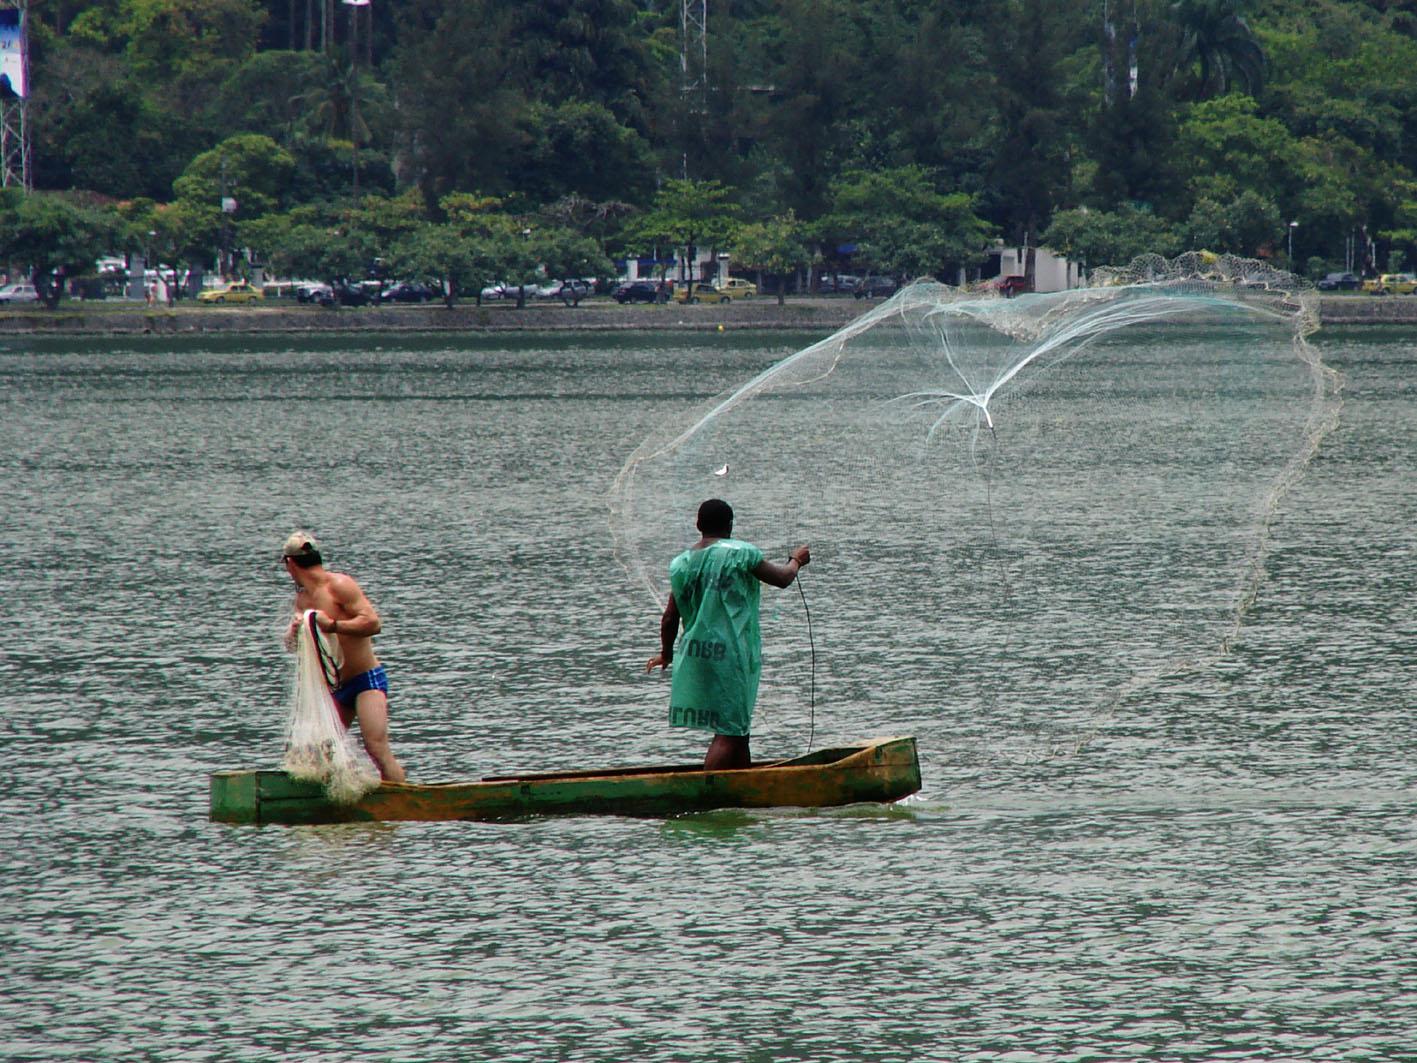 368502a9251e2 ... do Tribunal Regional Federal da 4ª Região (TRF4), negou liminarmente,  nesta semana, recurso da Federação dos Pescadores do estado de Santa  Catarina e ...